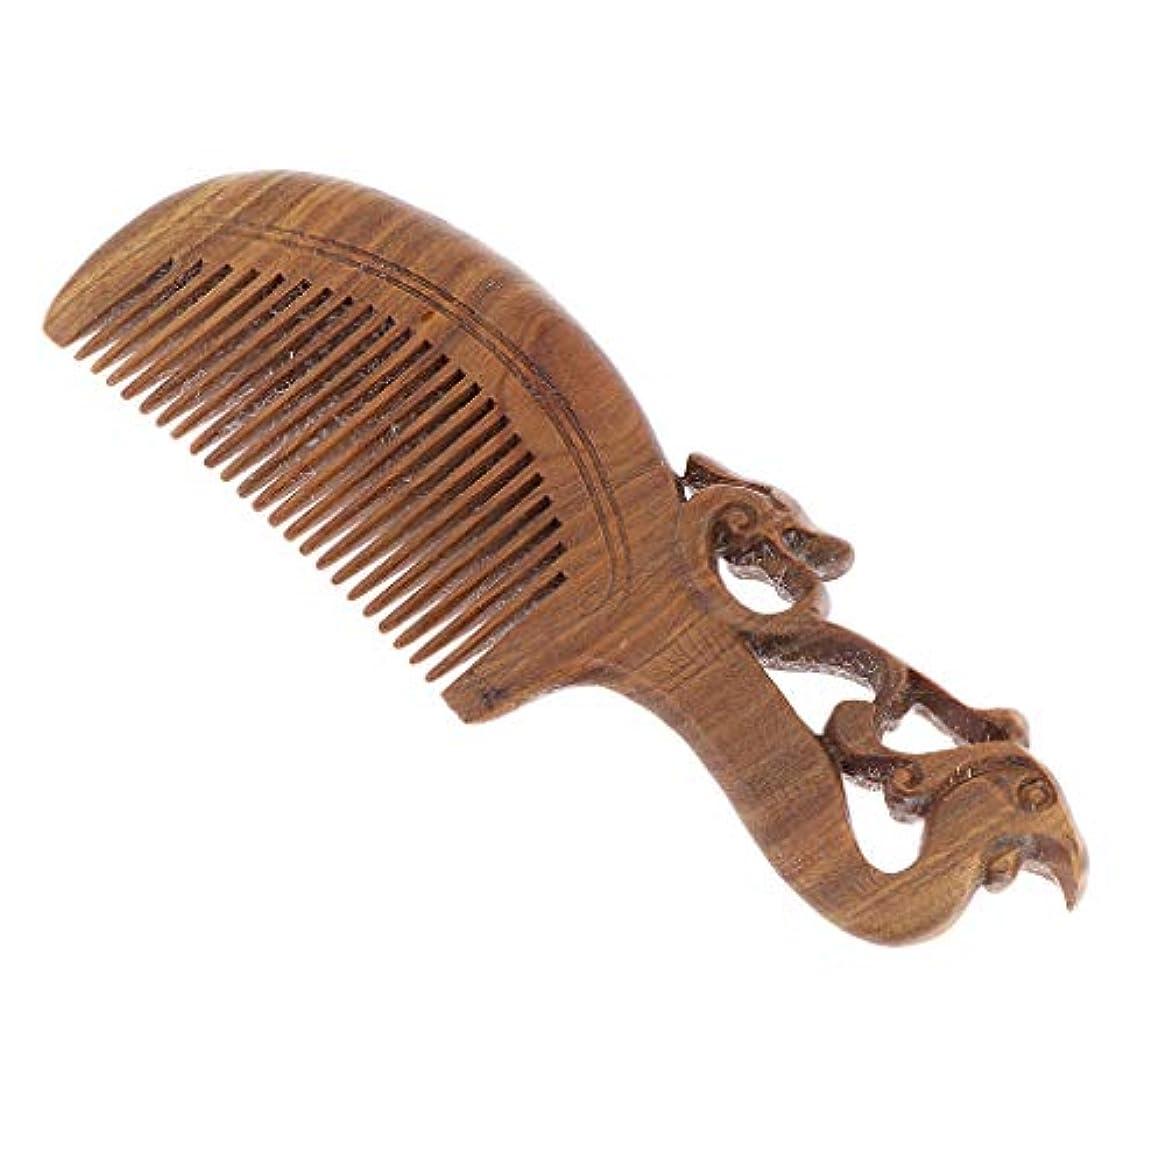 そばに直面する開梱F Fityle ウッドコーム 木製櫛 プレゼント 頭皮マッサージ レトロ 手作り 高品質 4タイプ選べ   - 17 x 5.5 x 1.2 cm